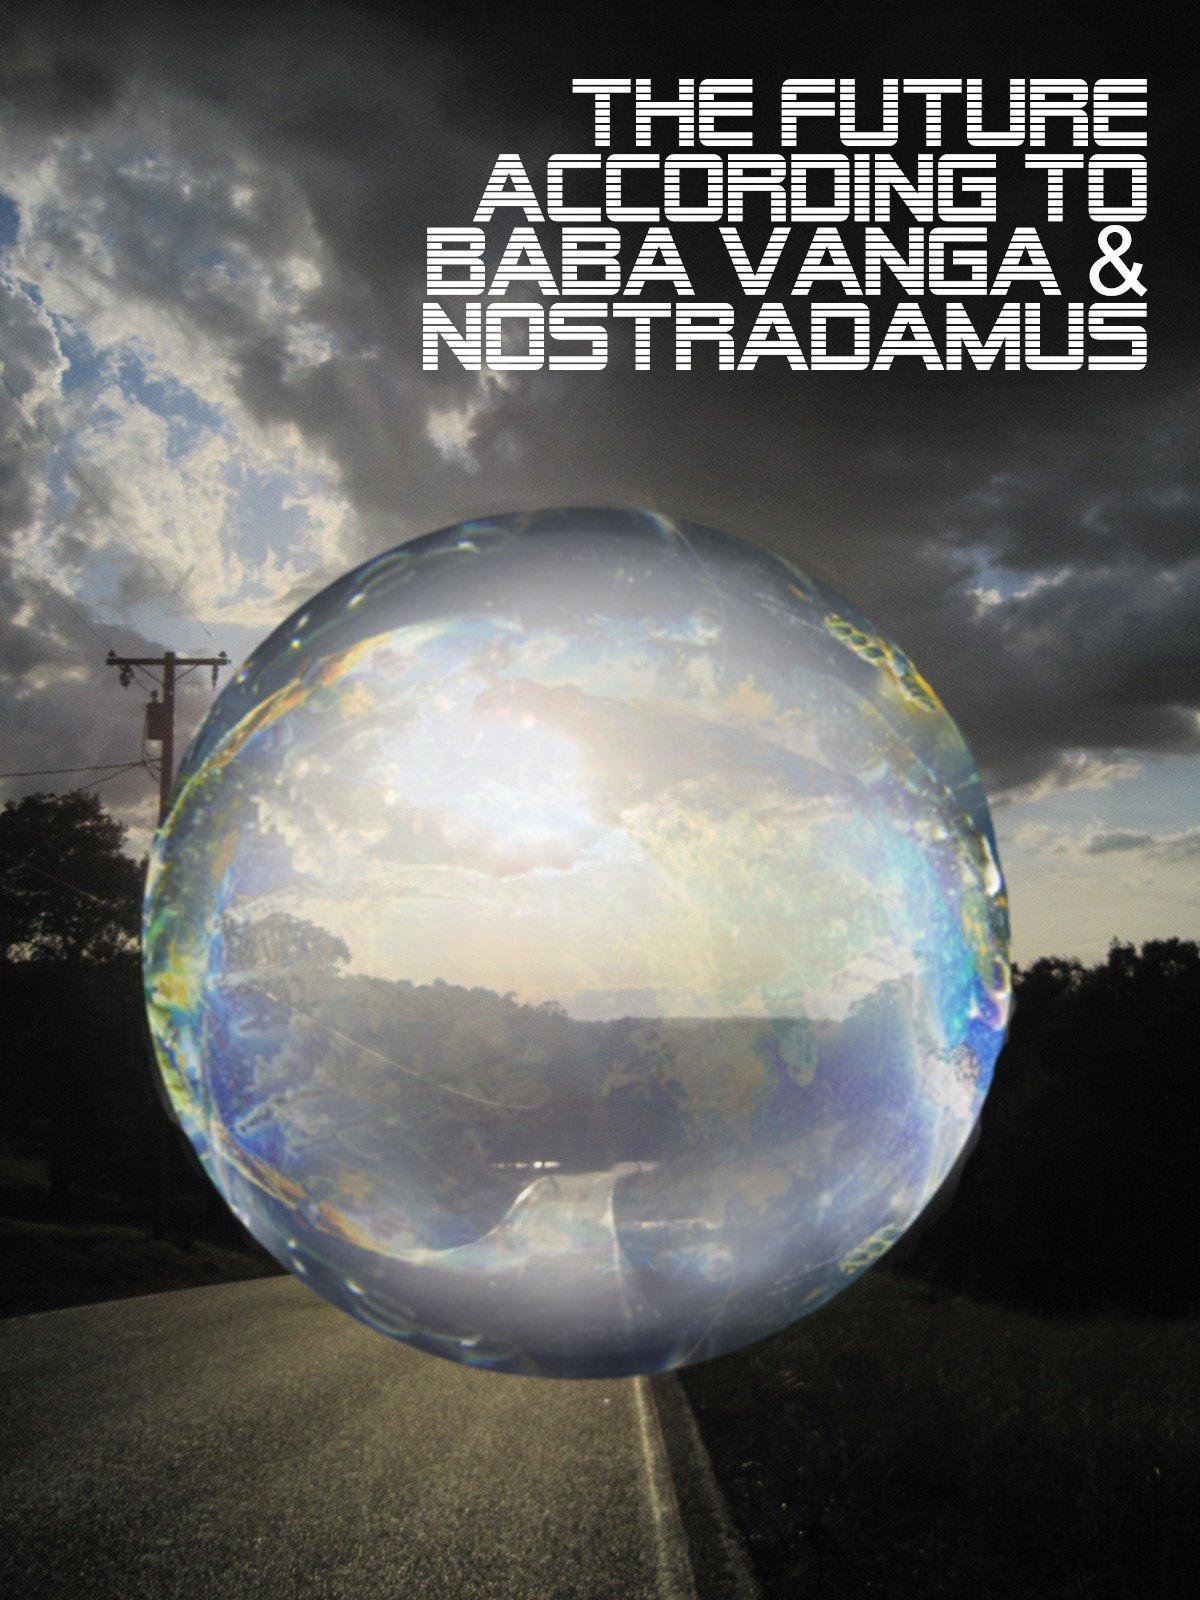 The future according to Baba Vanga and Nostradamus